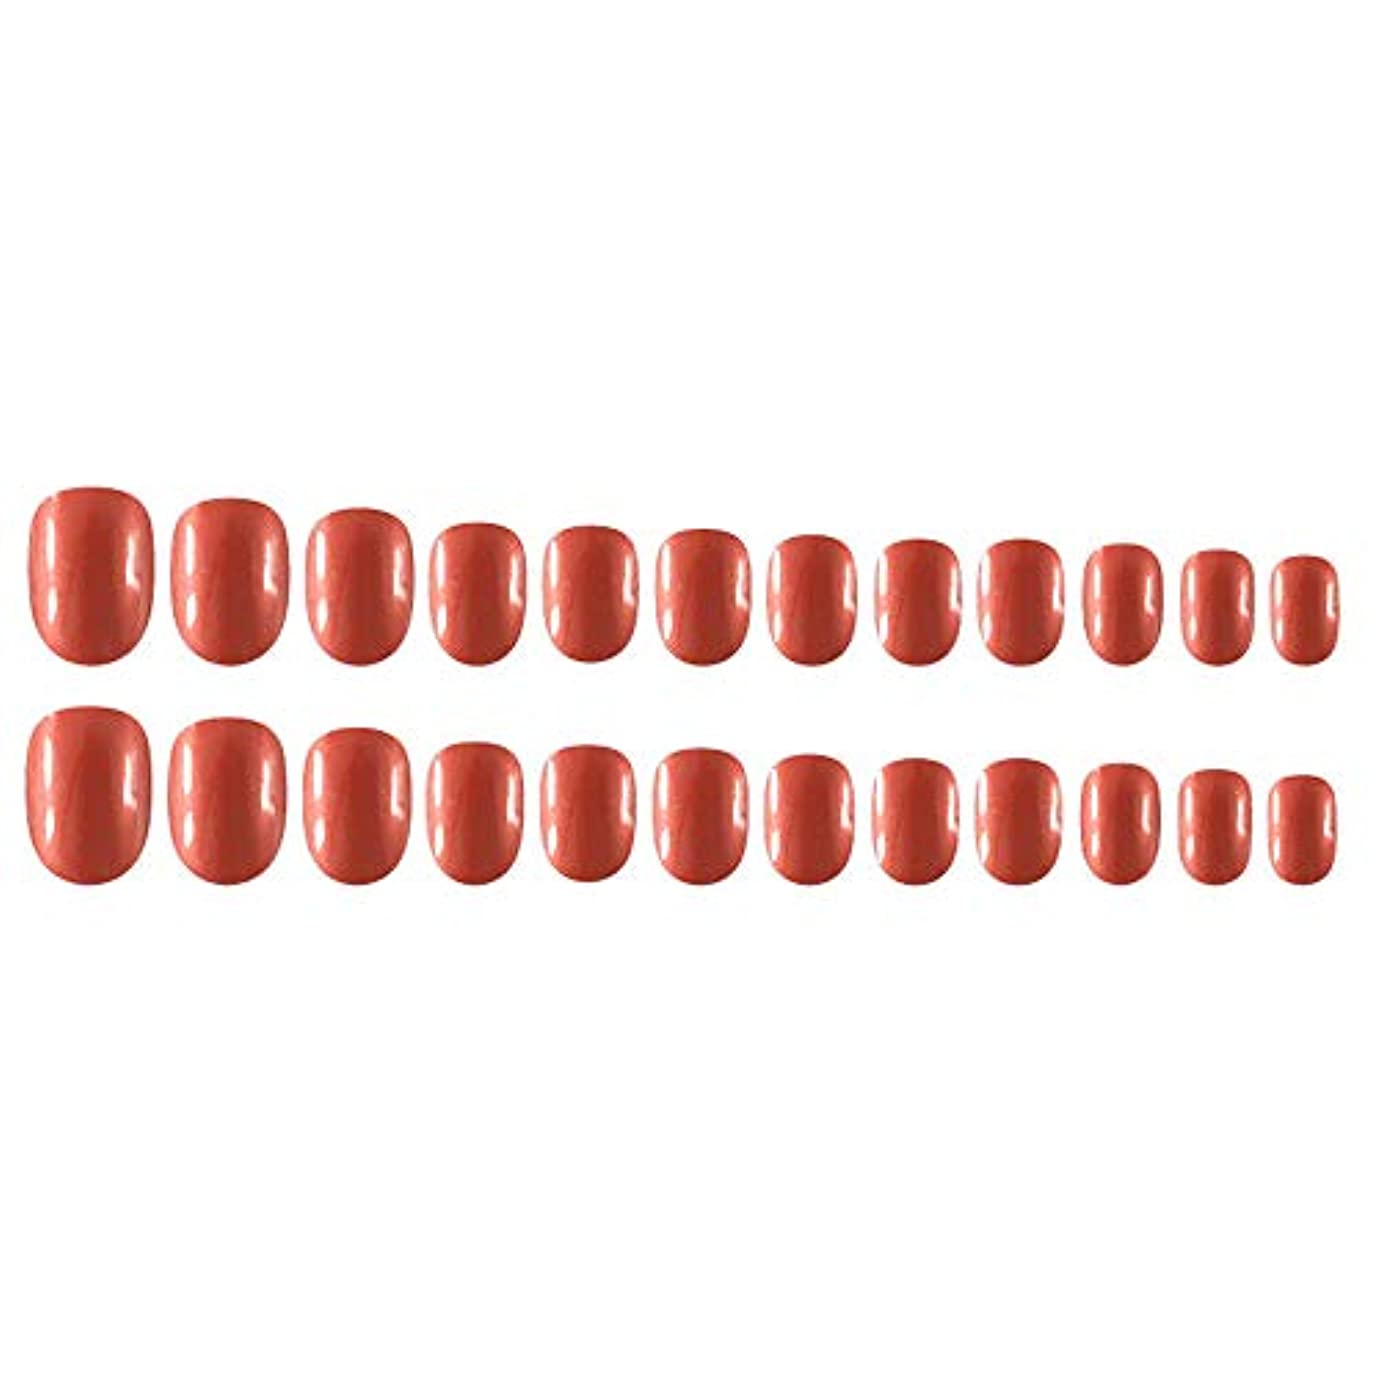 講義宿る舗装するDecdeal Decdeal ネイルチップ 24ピース 12異なるサイズ diy サロン ネイルアートツール 偽